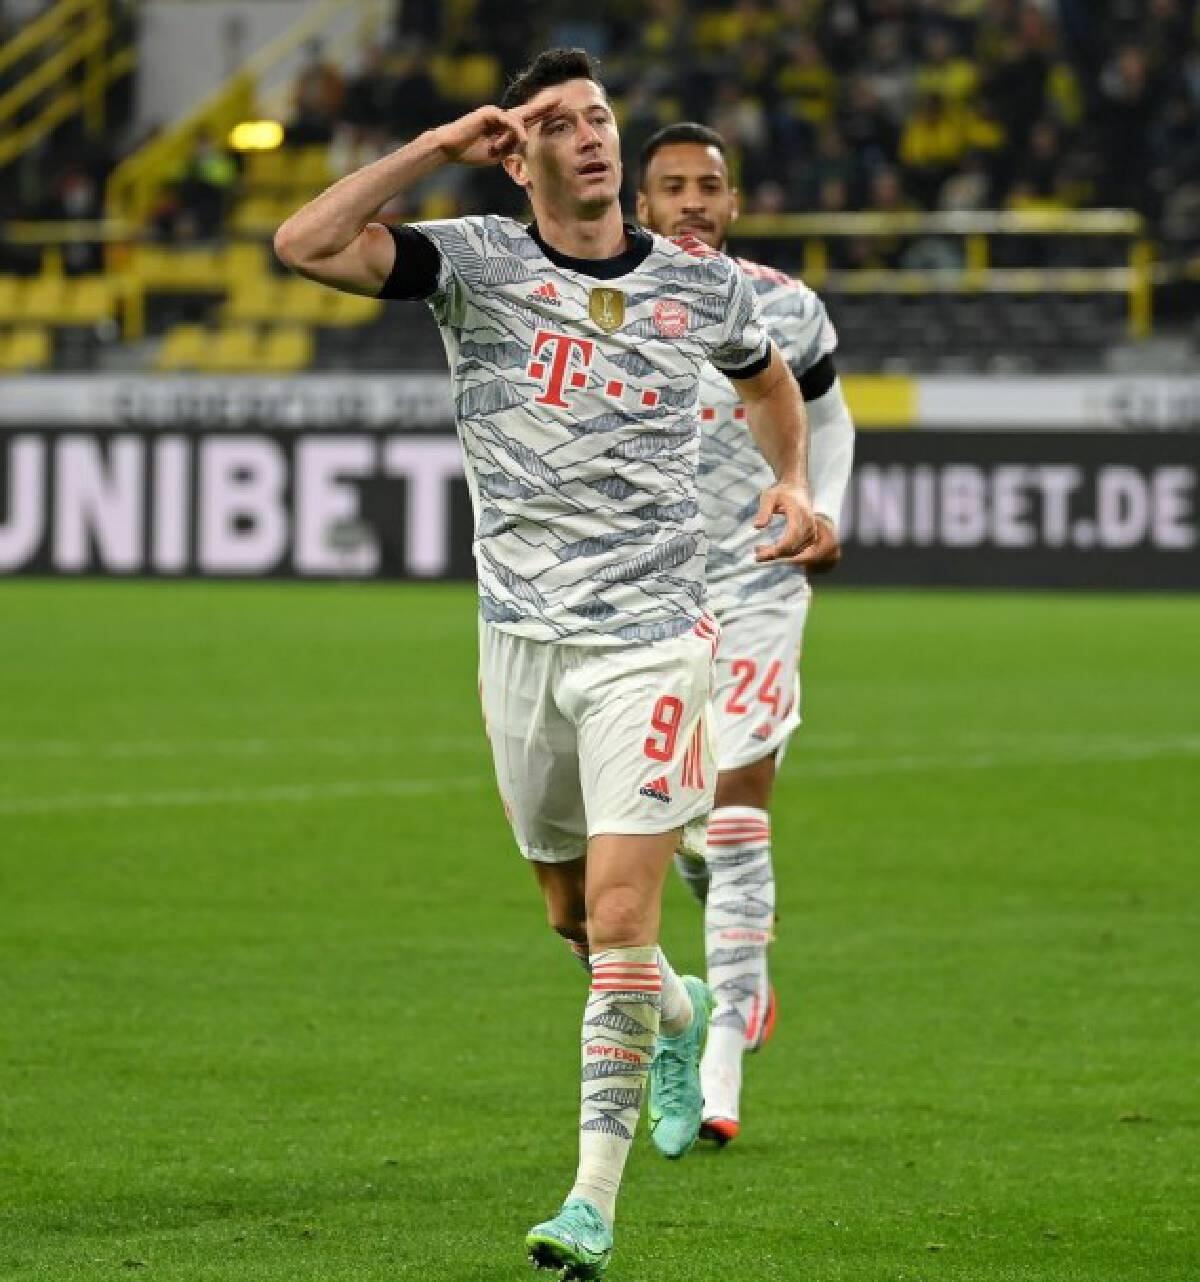 Robert Lewandowski (front) of Bayern Munich celebrates scoring during their German Supercup tie against Borussia Dortmund in Dortmund, Germany, Aug. 17, 2021.